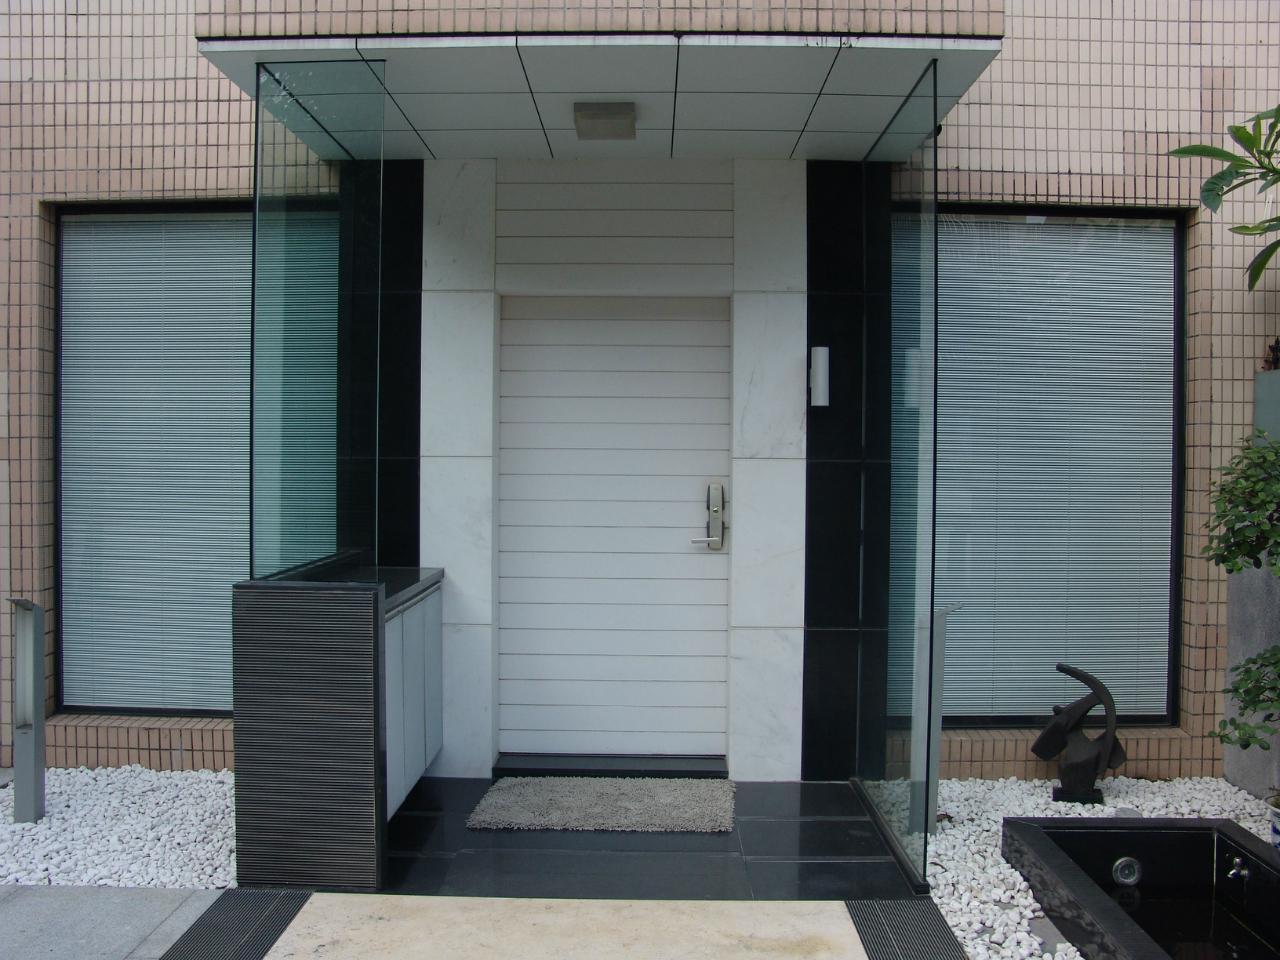 在現在辦公樓宇和家庭的裝修都在講究綠色裝修,這是什么意思呢?就是在裝修上選擇的材料更加環保、節能。一般來說,在裝修中選擇的窗戶都有選擇百葉窗,因為百葉窗可以讓辦公室或家庭看上去更加自然、綠色,而且在如果結果現代科技感非常強的電動百葉窗就更加綠色節能,我們就來淺談 電動百葉窗怎樣節能環保。 首先了解百葉窗的歷史,誕生到至今已近200多年,之前在歐洲一時盛行,所以現在百葉窗的風格更加傾向歐派,后來傳入中國,百葉窗就開始普遍起來?,F在更多樓宇都多在使用實木百葉和電動百葉等,在材料上電動百葉就可以利用再生資